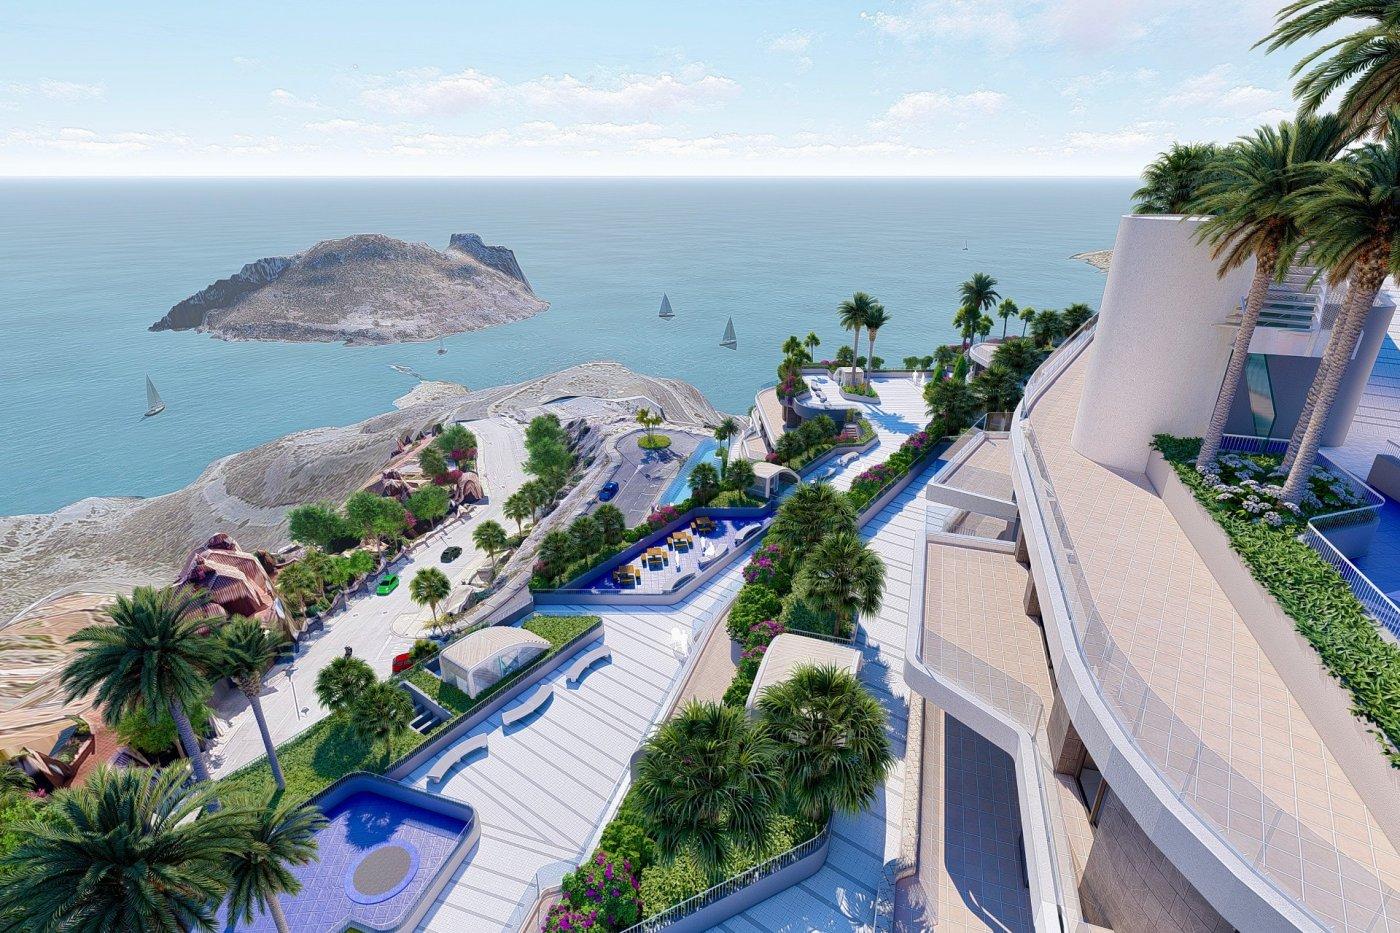 Galleribillede 20 of Uovertruffen panorama udsigt - 3 værelses luksus lejlighed med 2 badeværelser